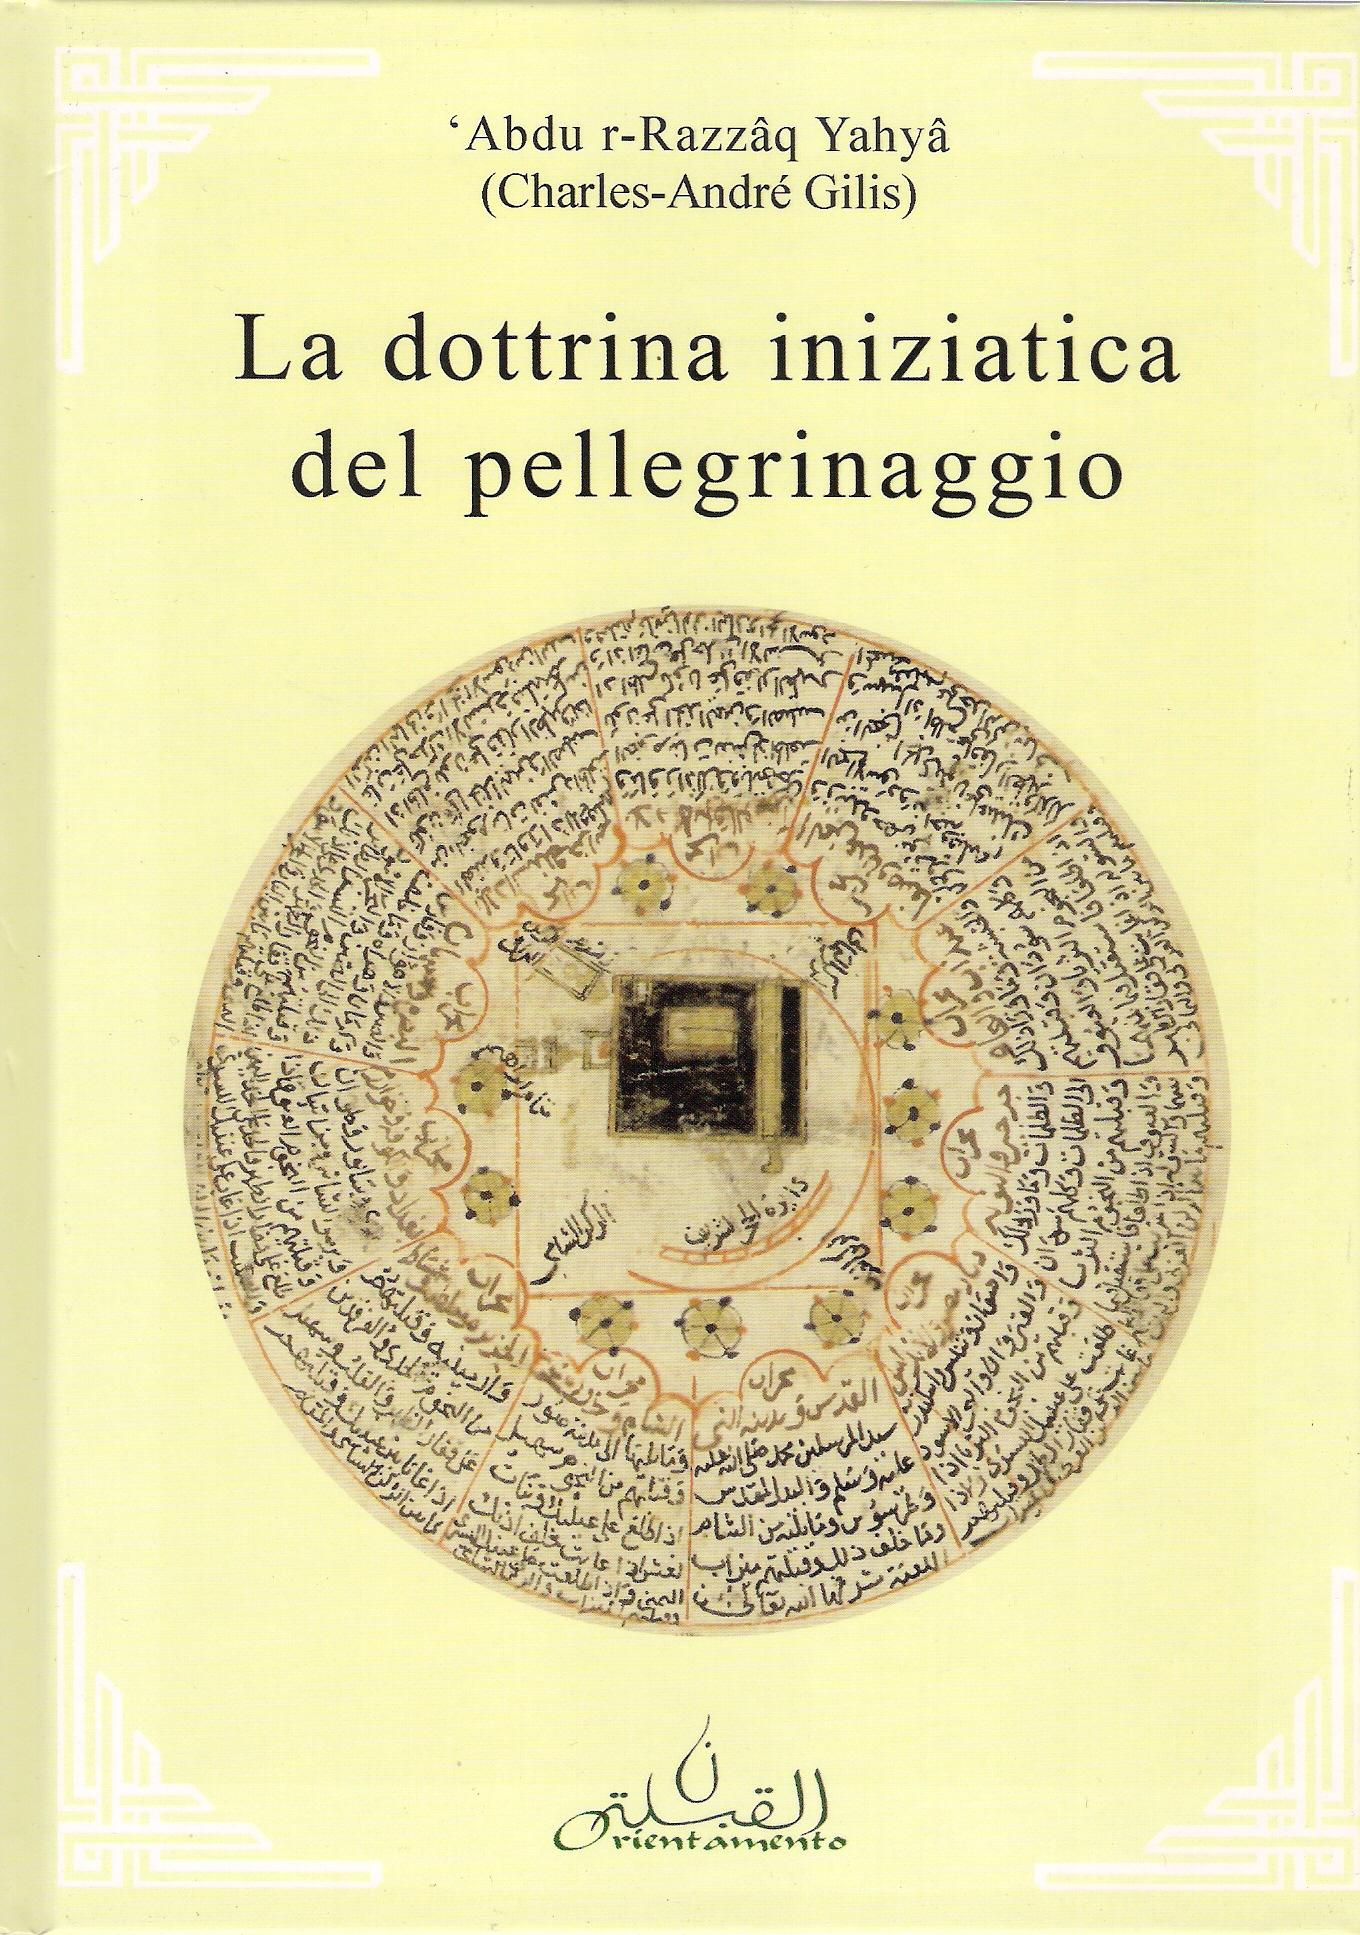 a dottrina iniziatica del pellegrinaggio